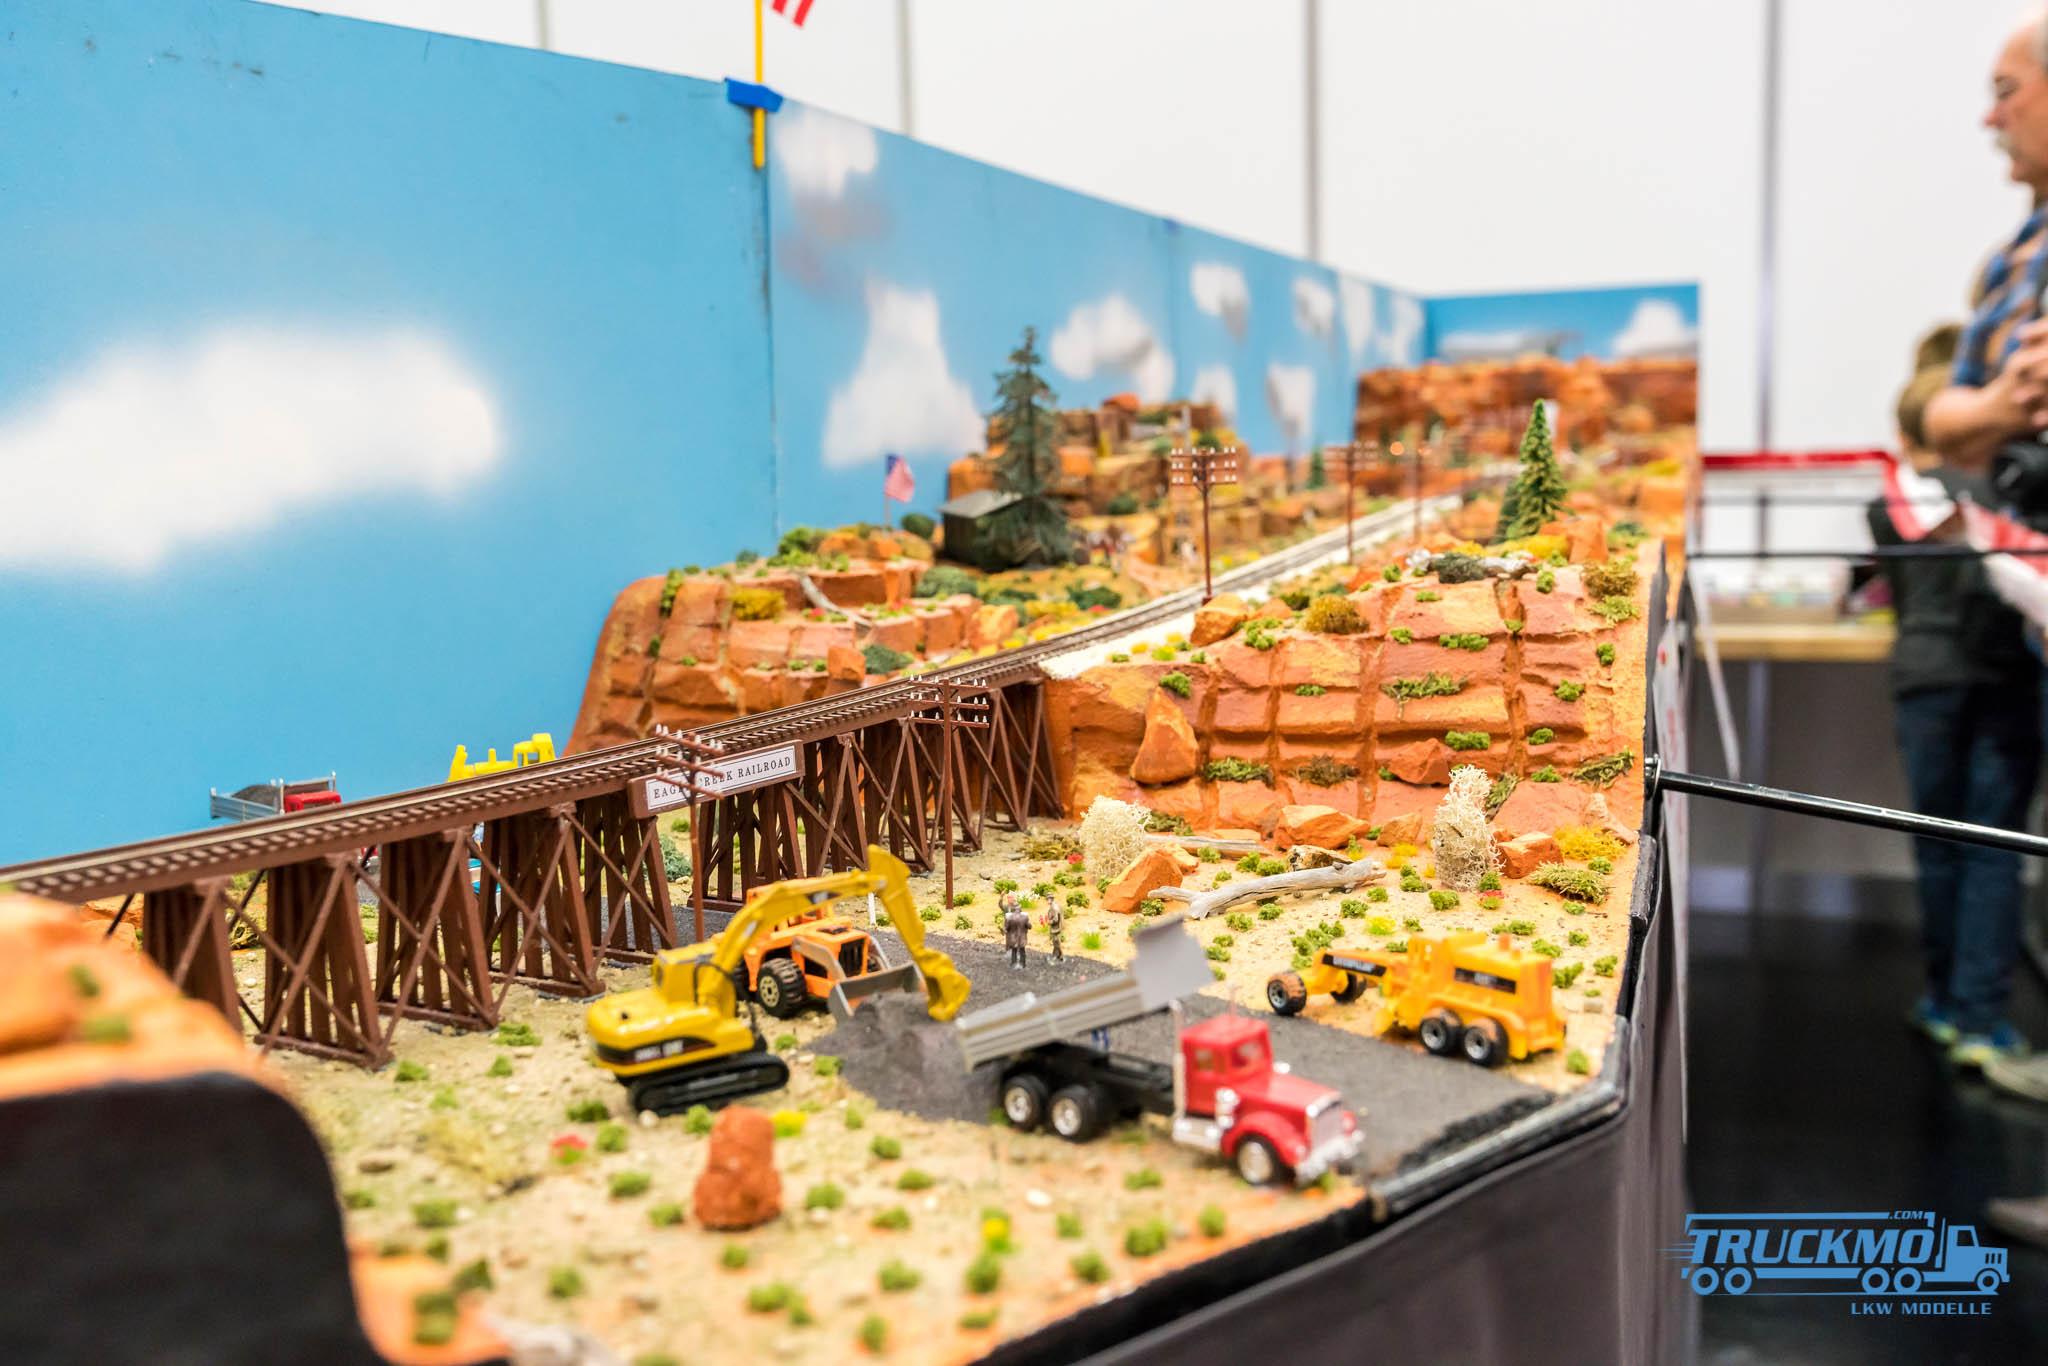 Truckmo_Modellbau_Ried_2017_Herpa_Messe_Modellbauausstellung (58 von 1177)